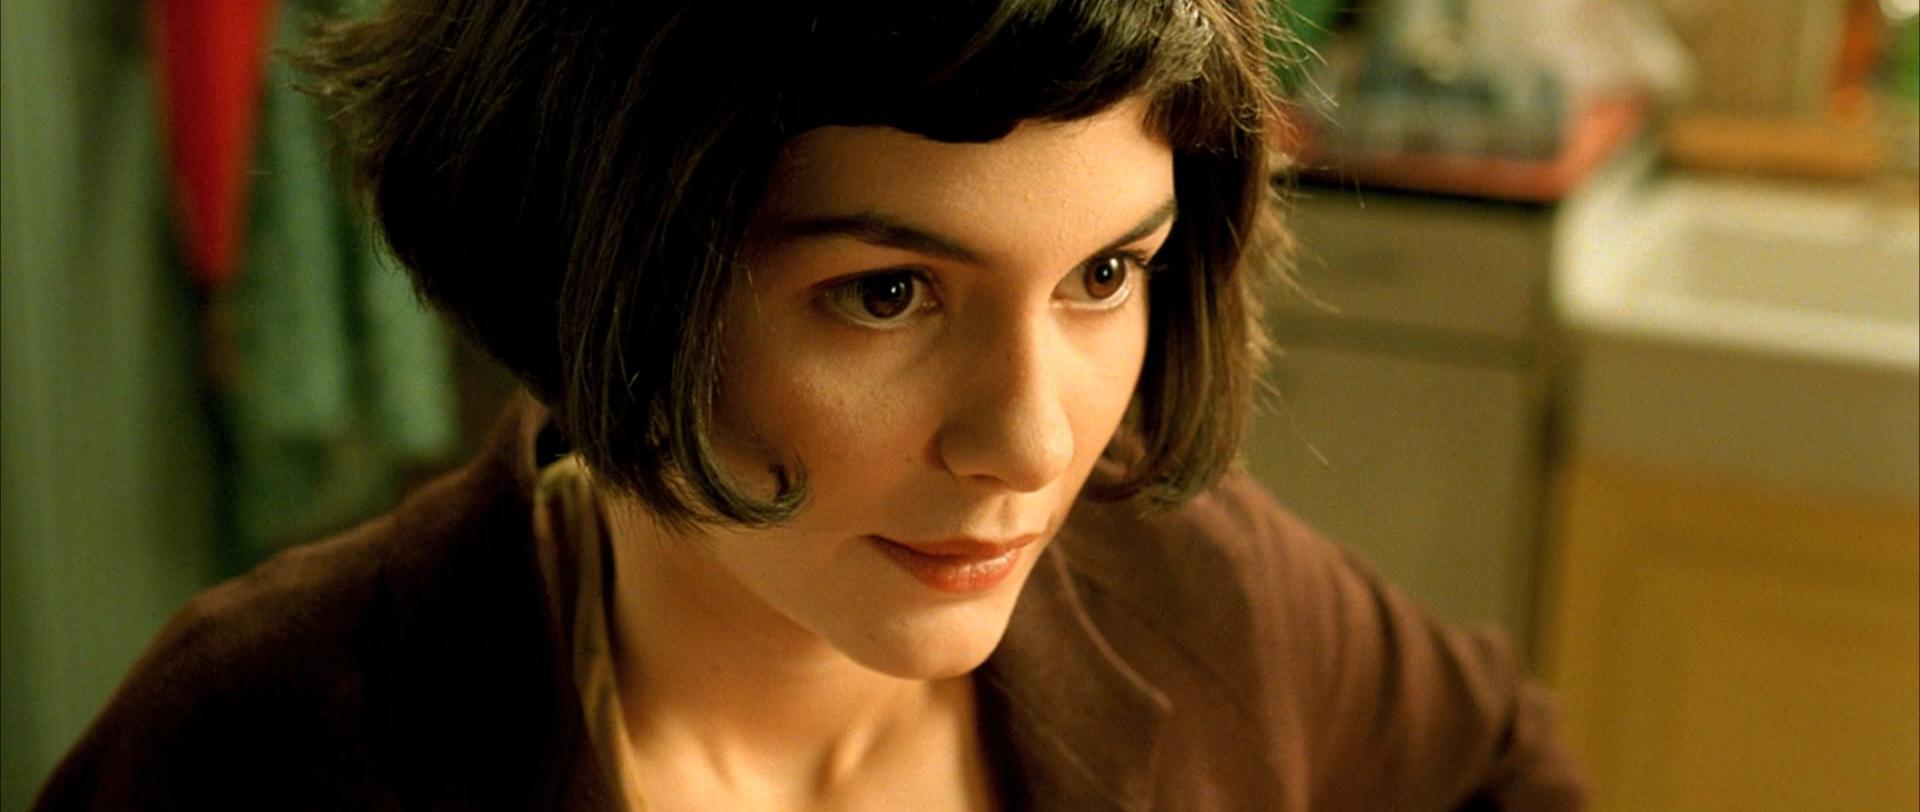 Amélie deixa de ser uma espectadora para se tornar protagonista da própria vida (Foto: Reprodução)